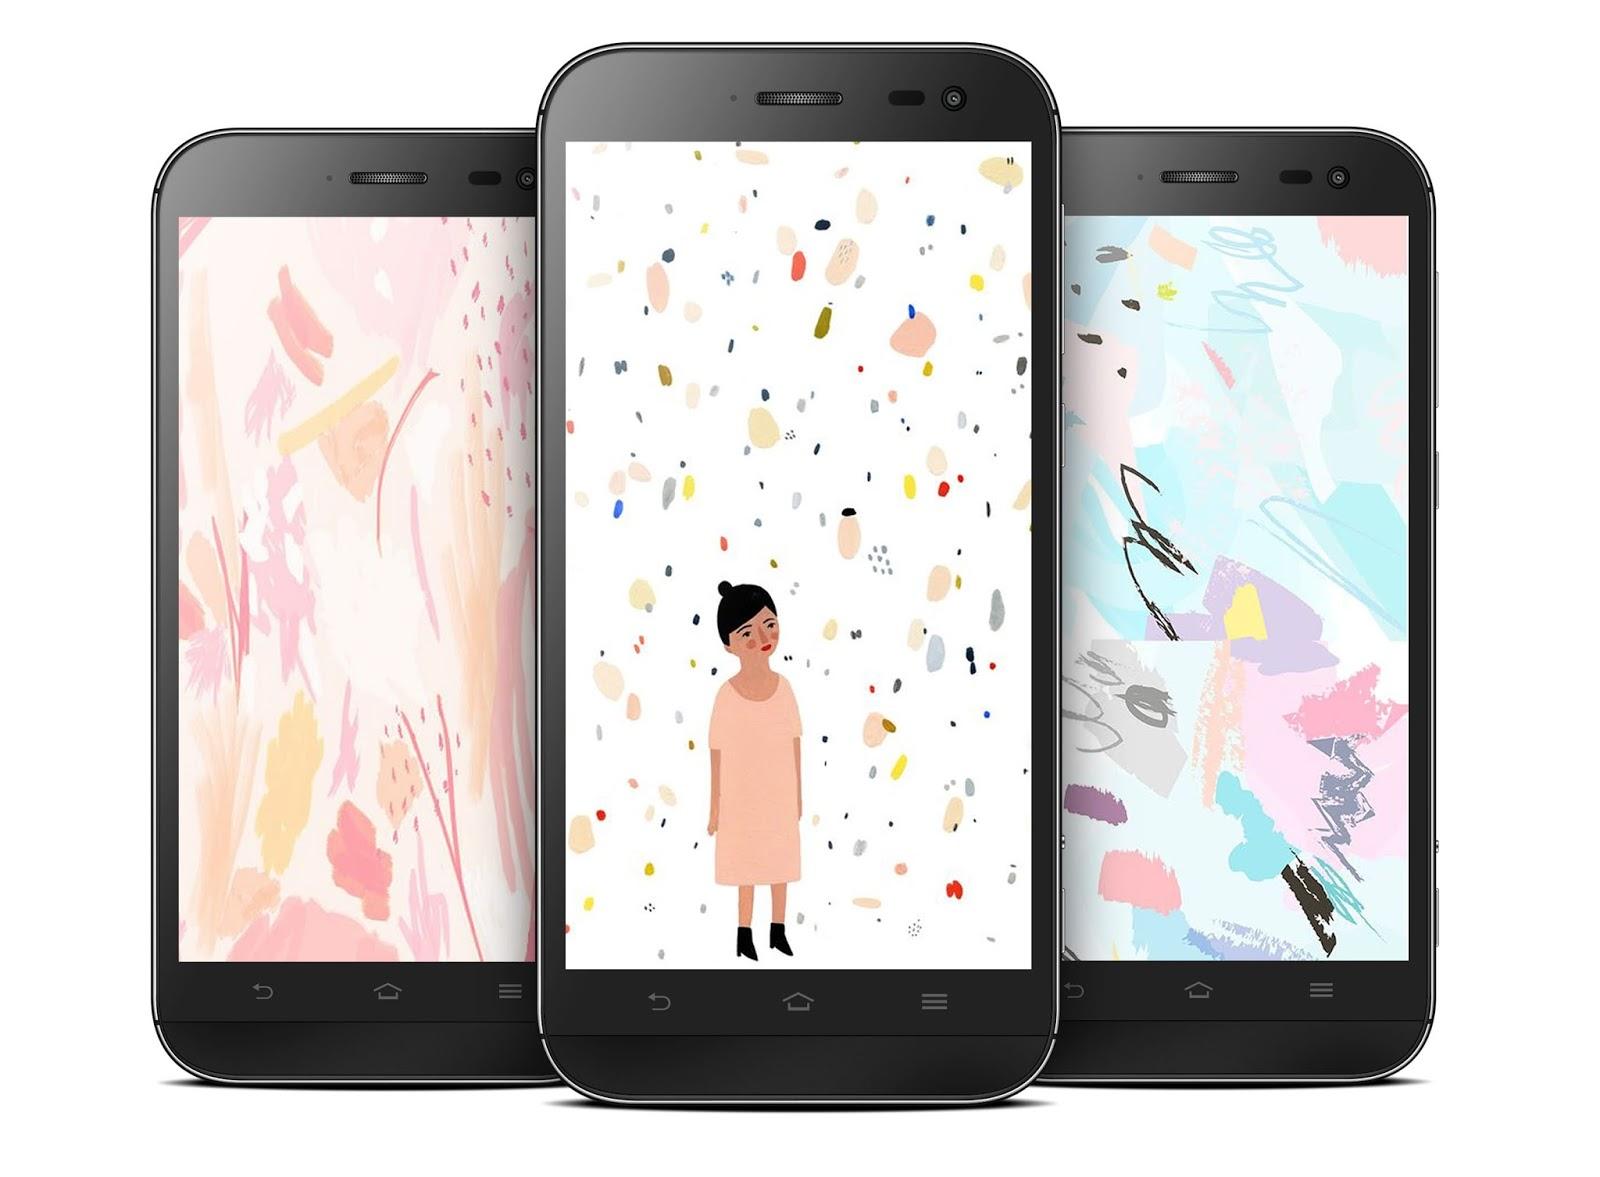 Fondos para el móvil bonitos gratis para descargar